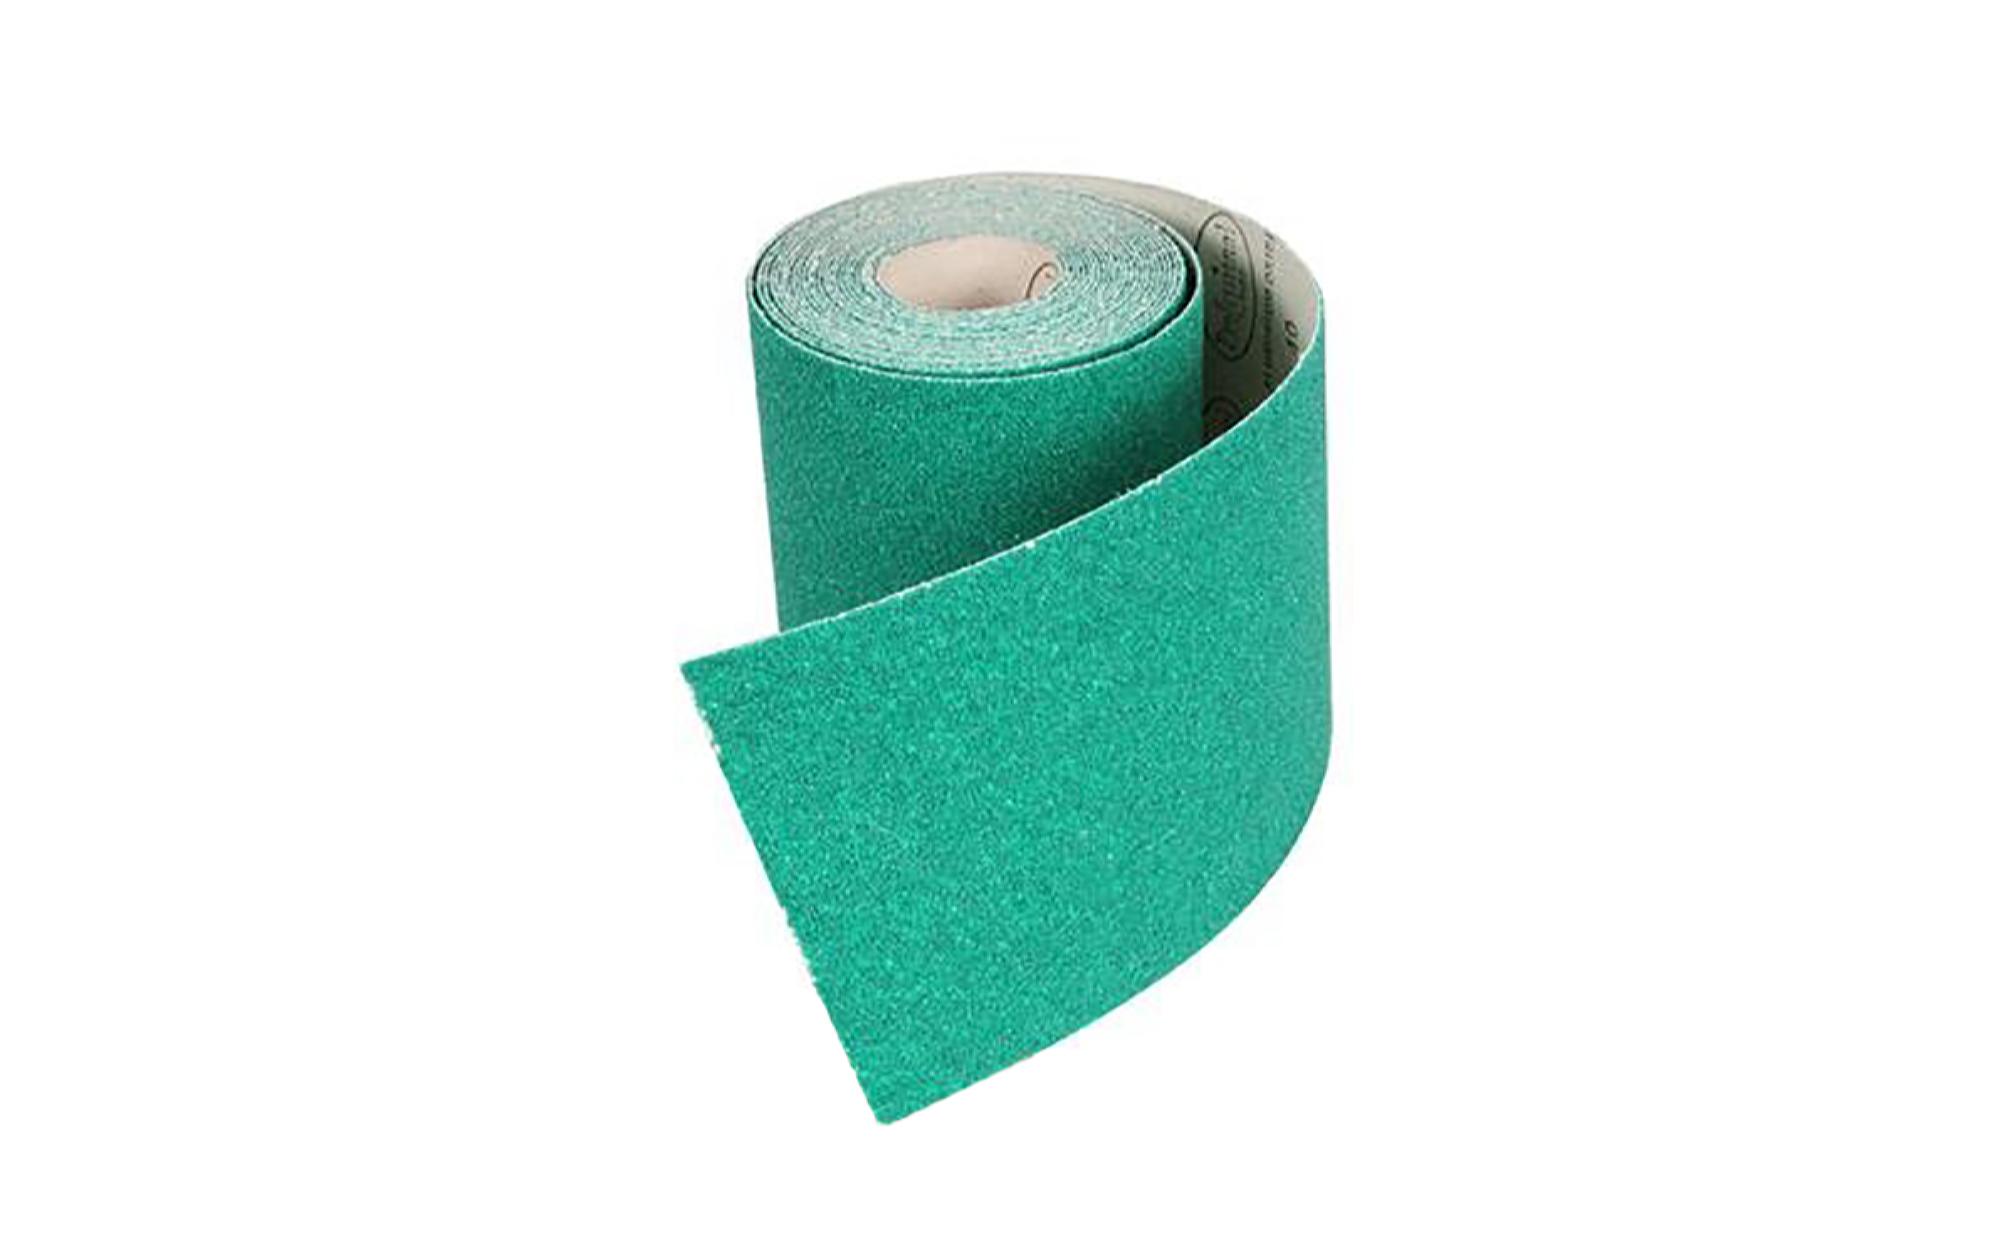 Sanding Paper & Blocks